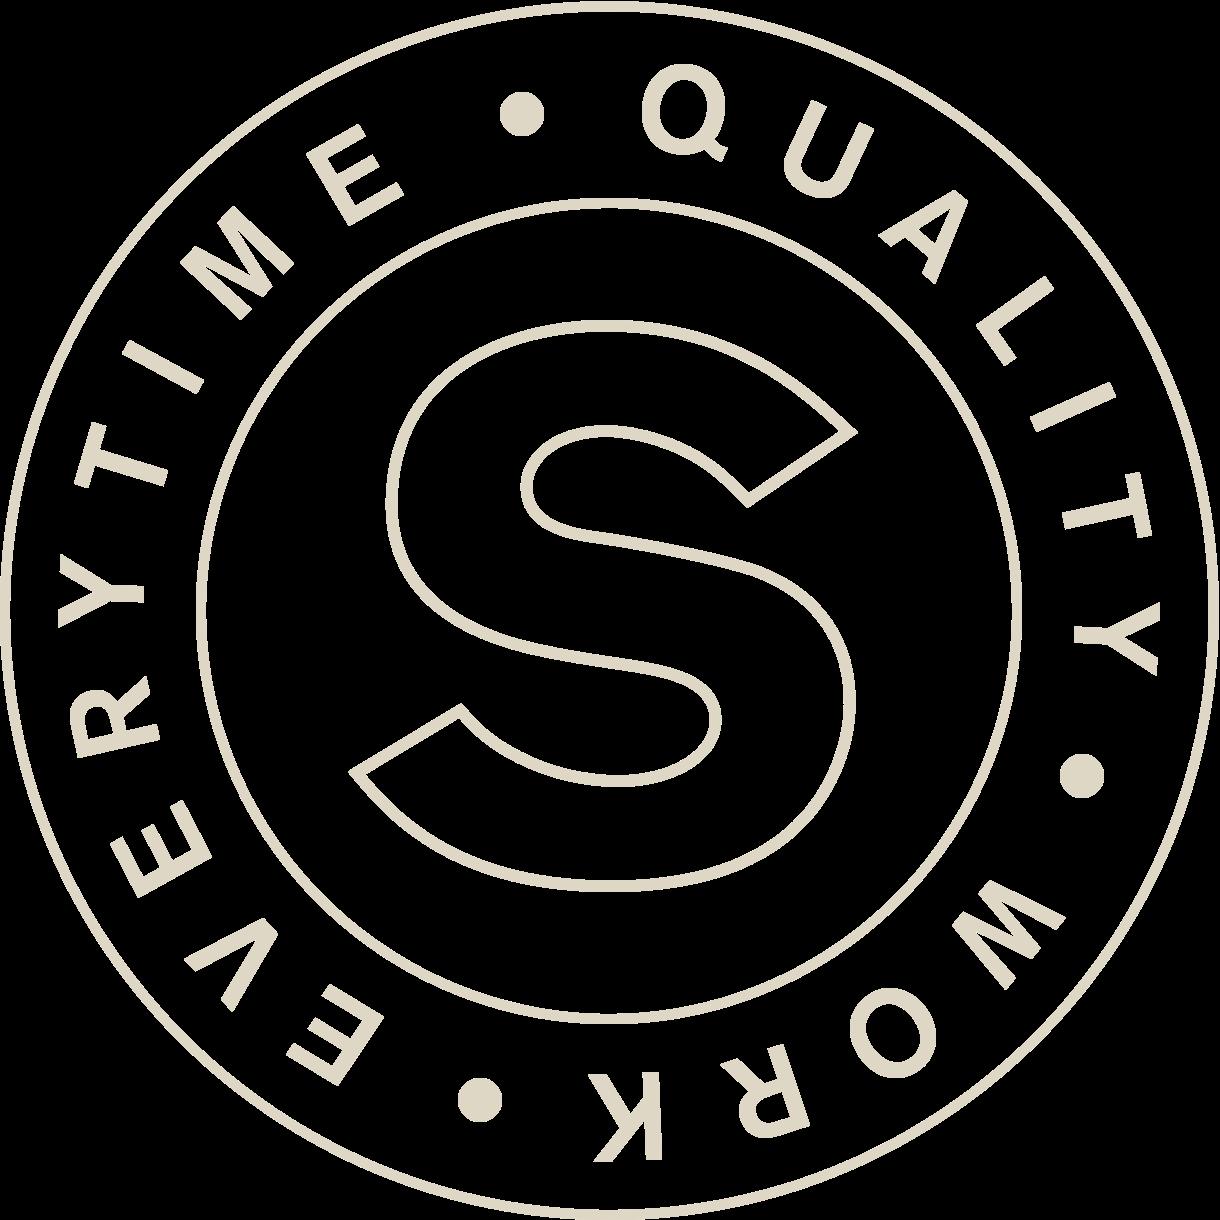 Studio Seal